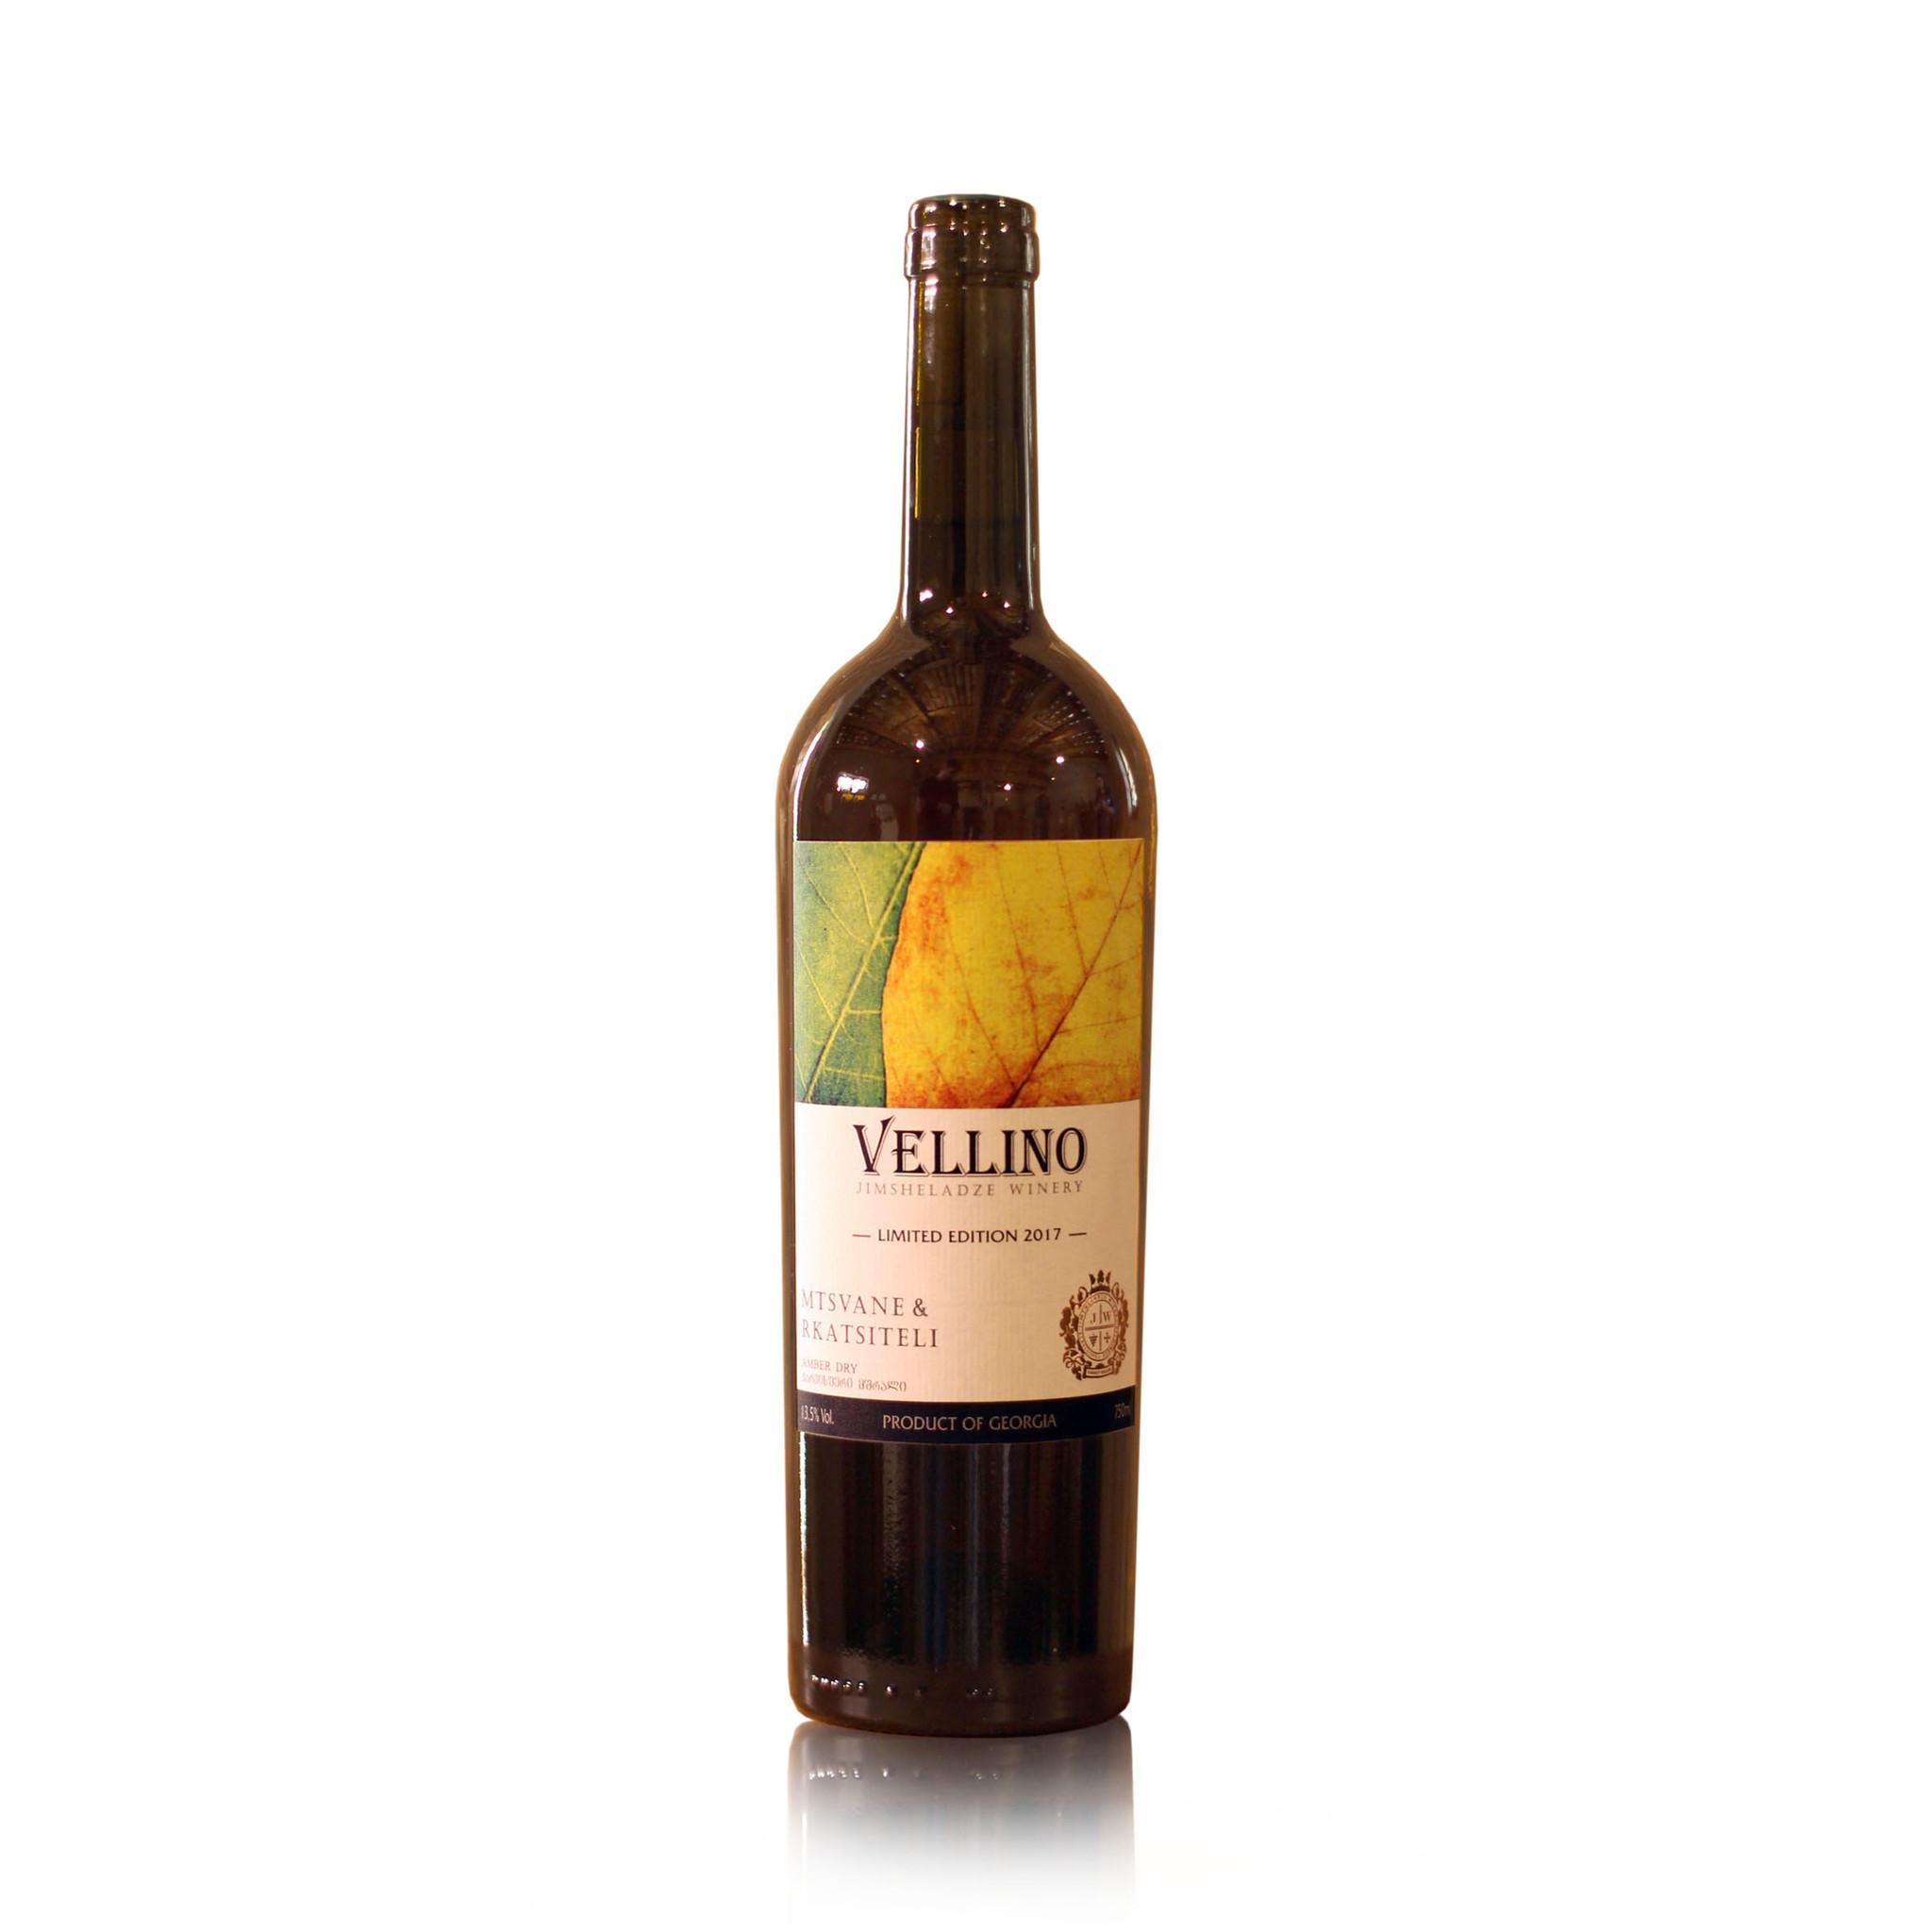 Merk Vellino Mstvane-Rkatsiteli Vellino, Amber droge wijn 2017